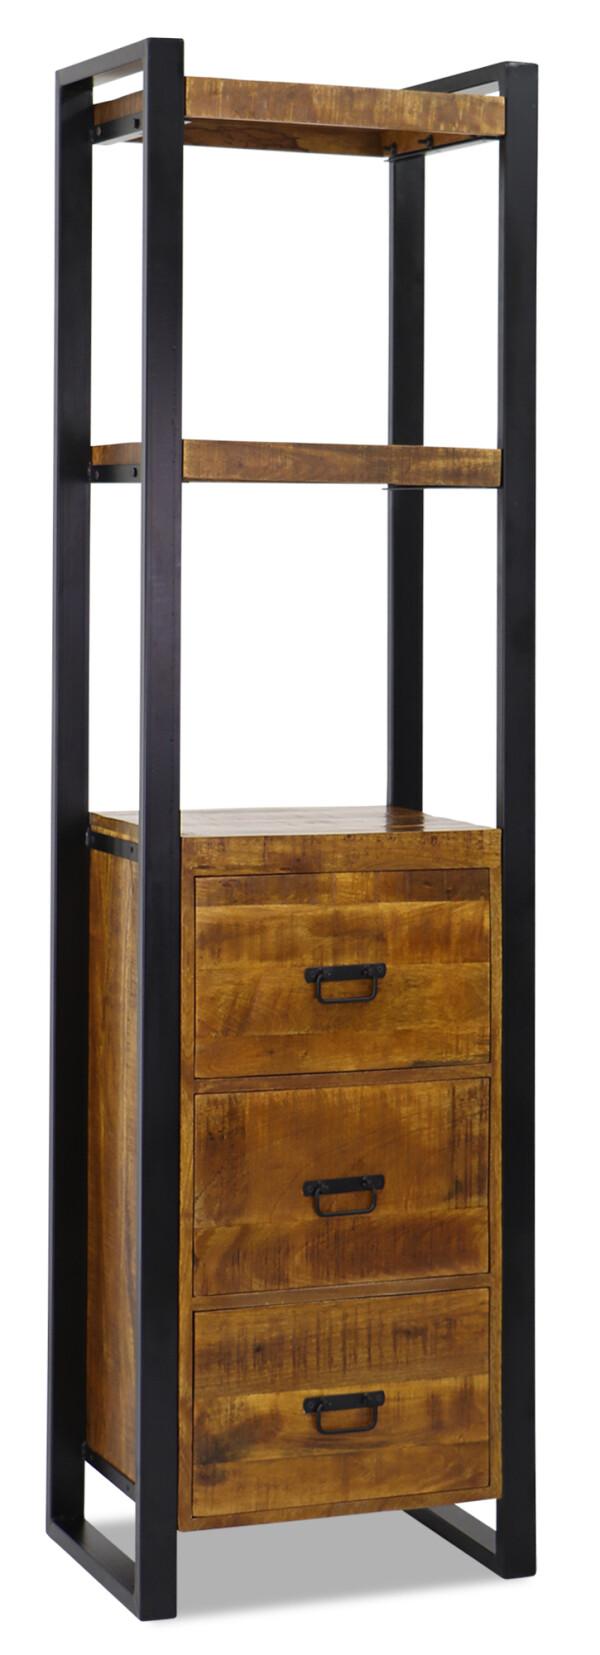 Serik Display Cabinet